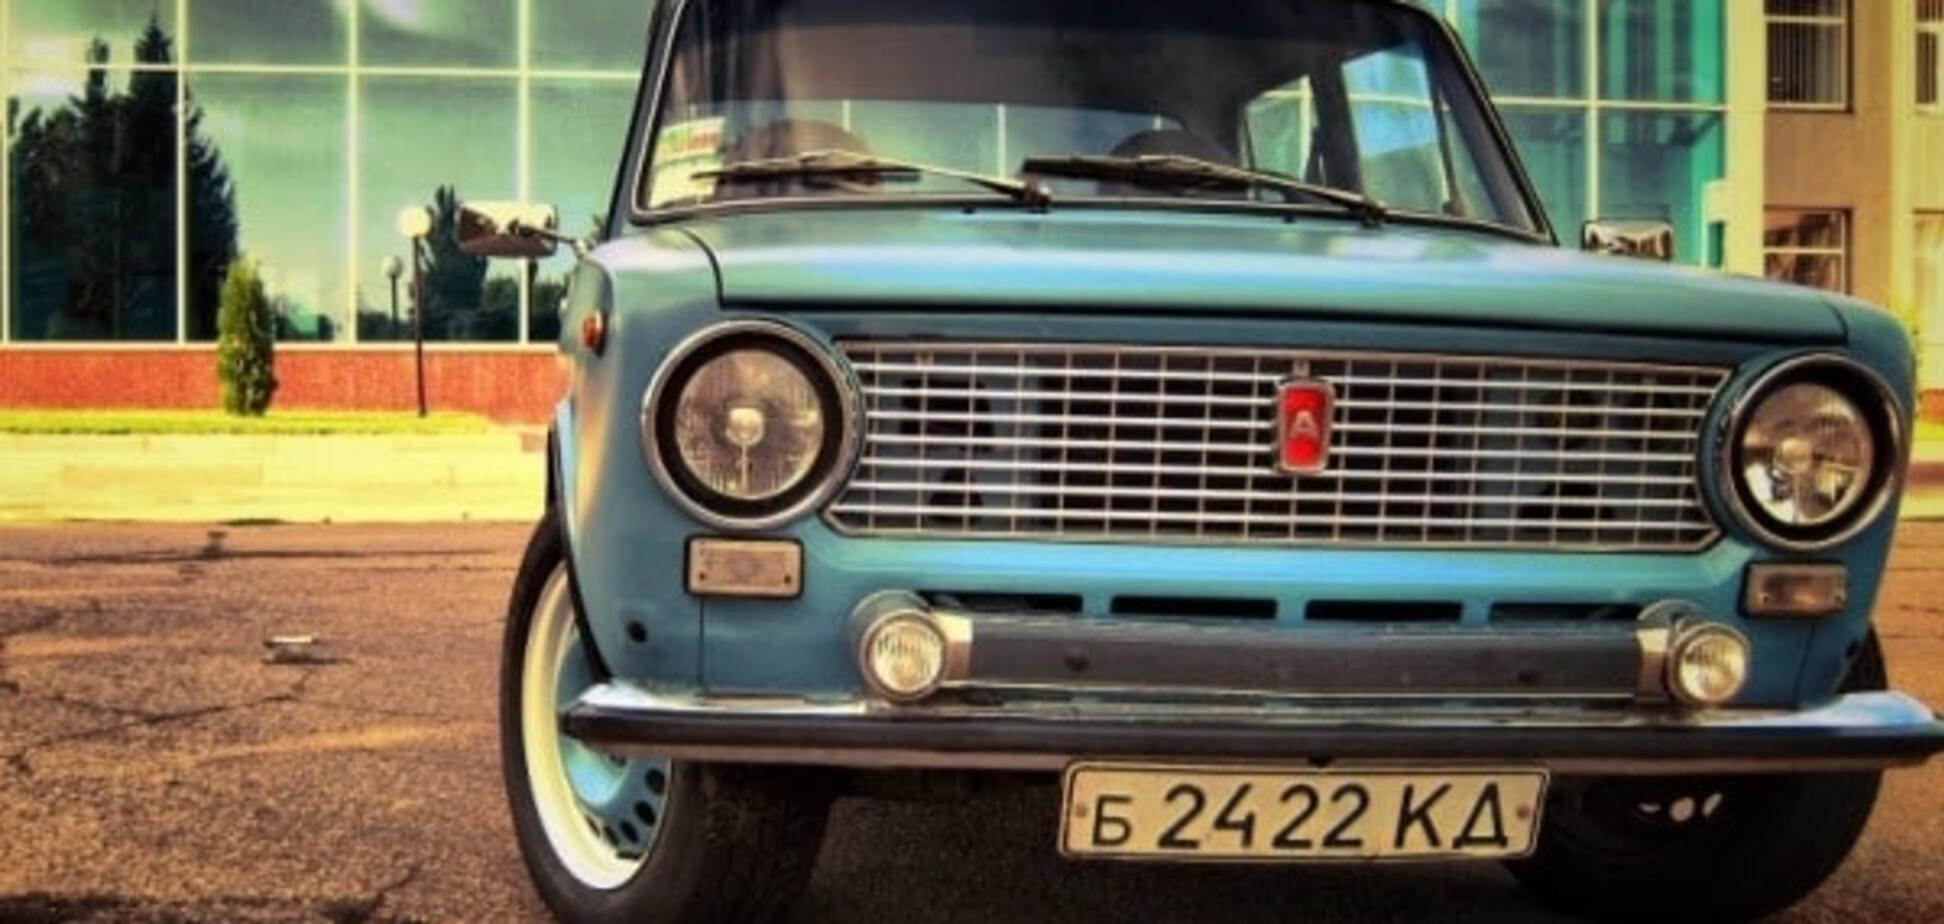 Прощавай, СРСР: з українських доріг можуть зникнути радянські авто